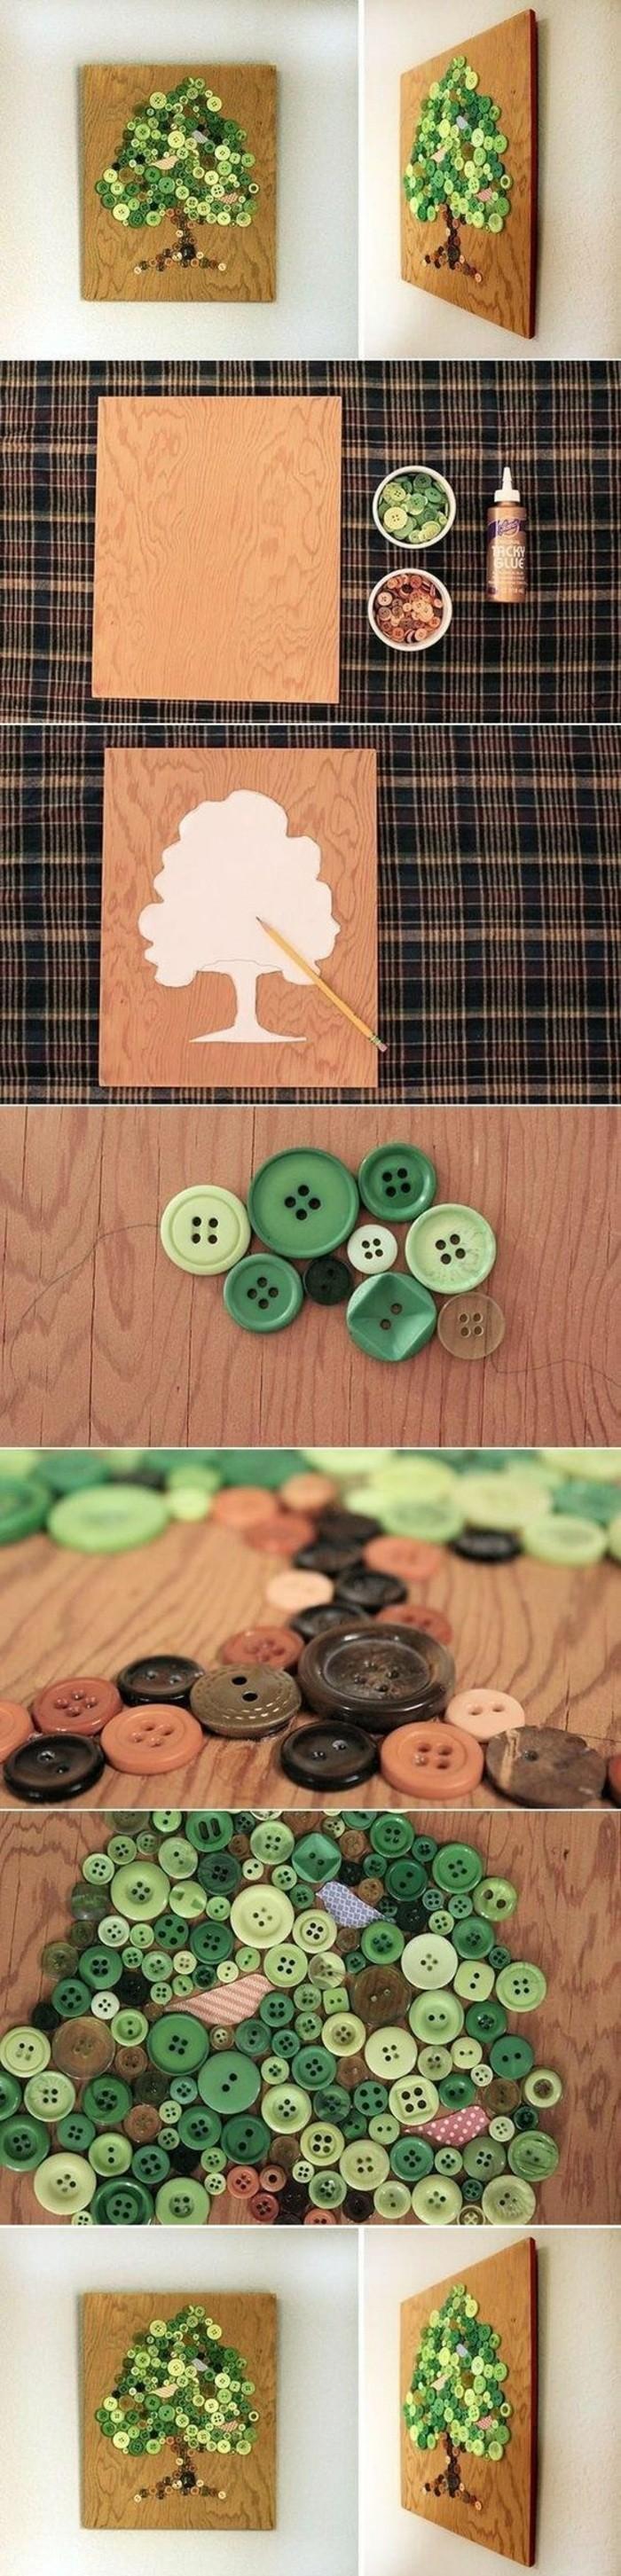 Merveilleux Arbre En Boutons Verts Comme Déco Murale, Idée De Bricolage Original, Déco  Créative En